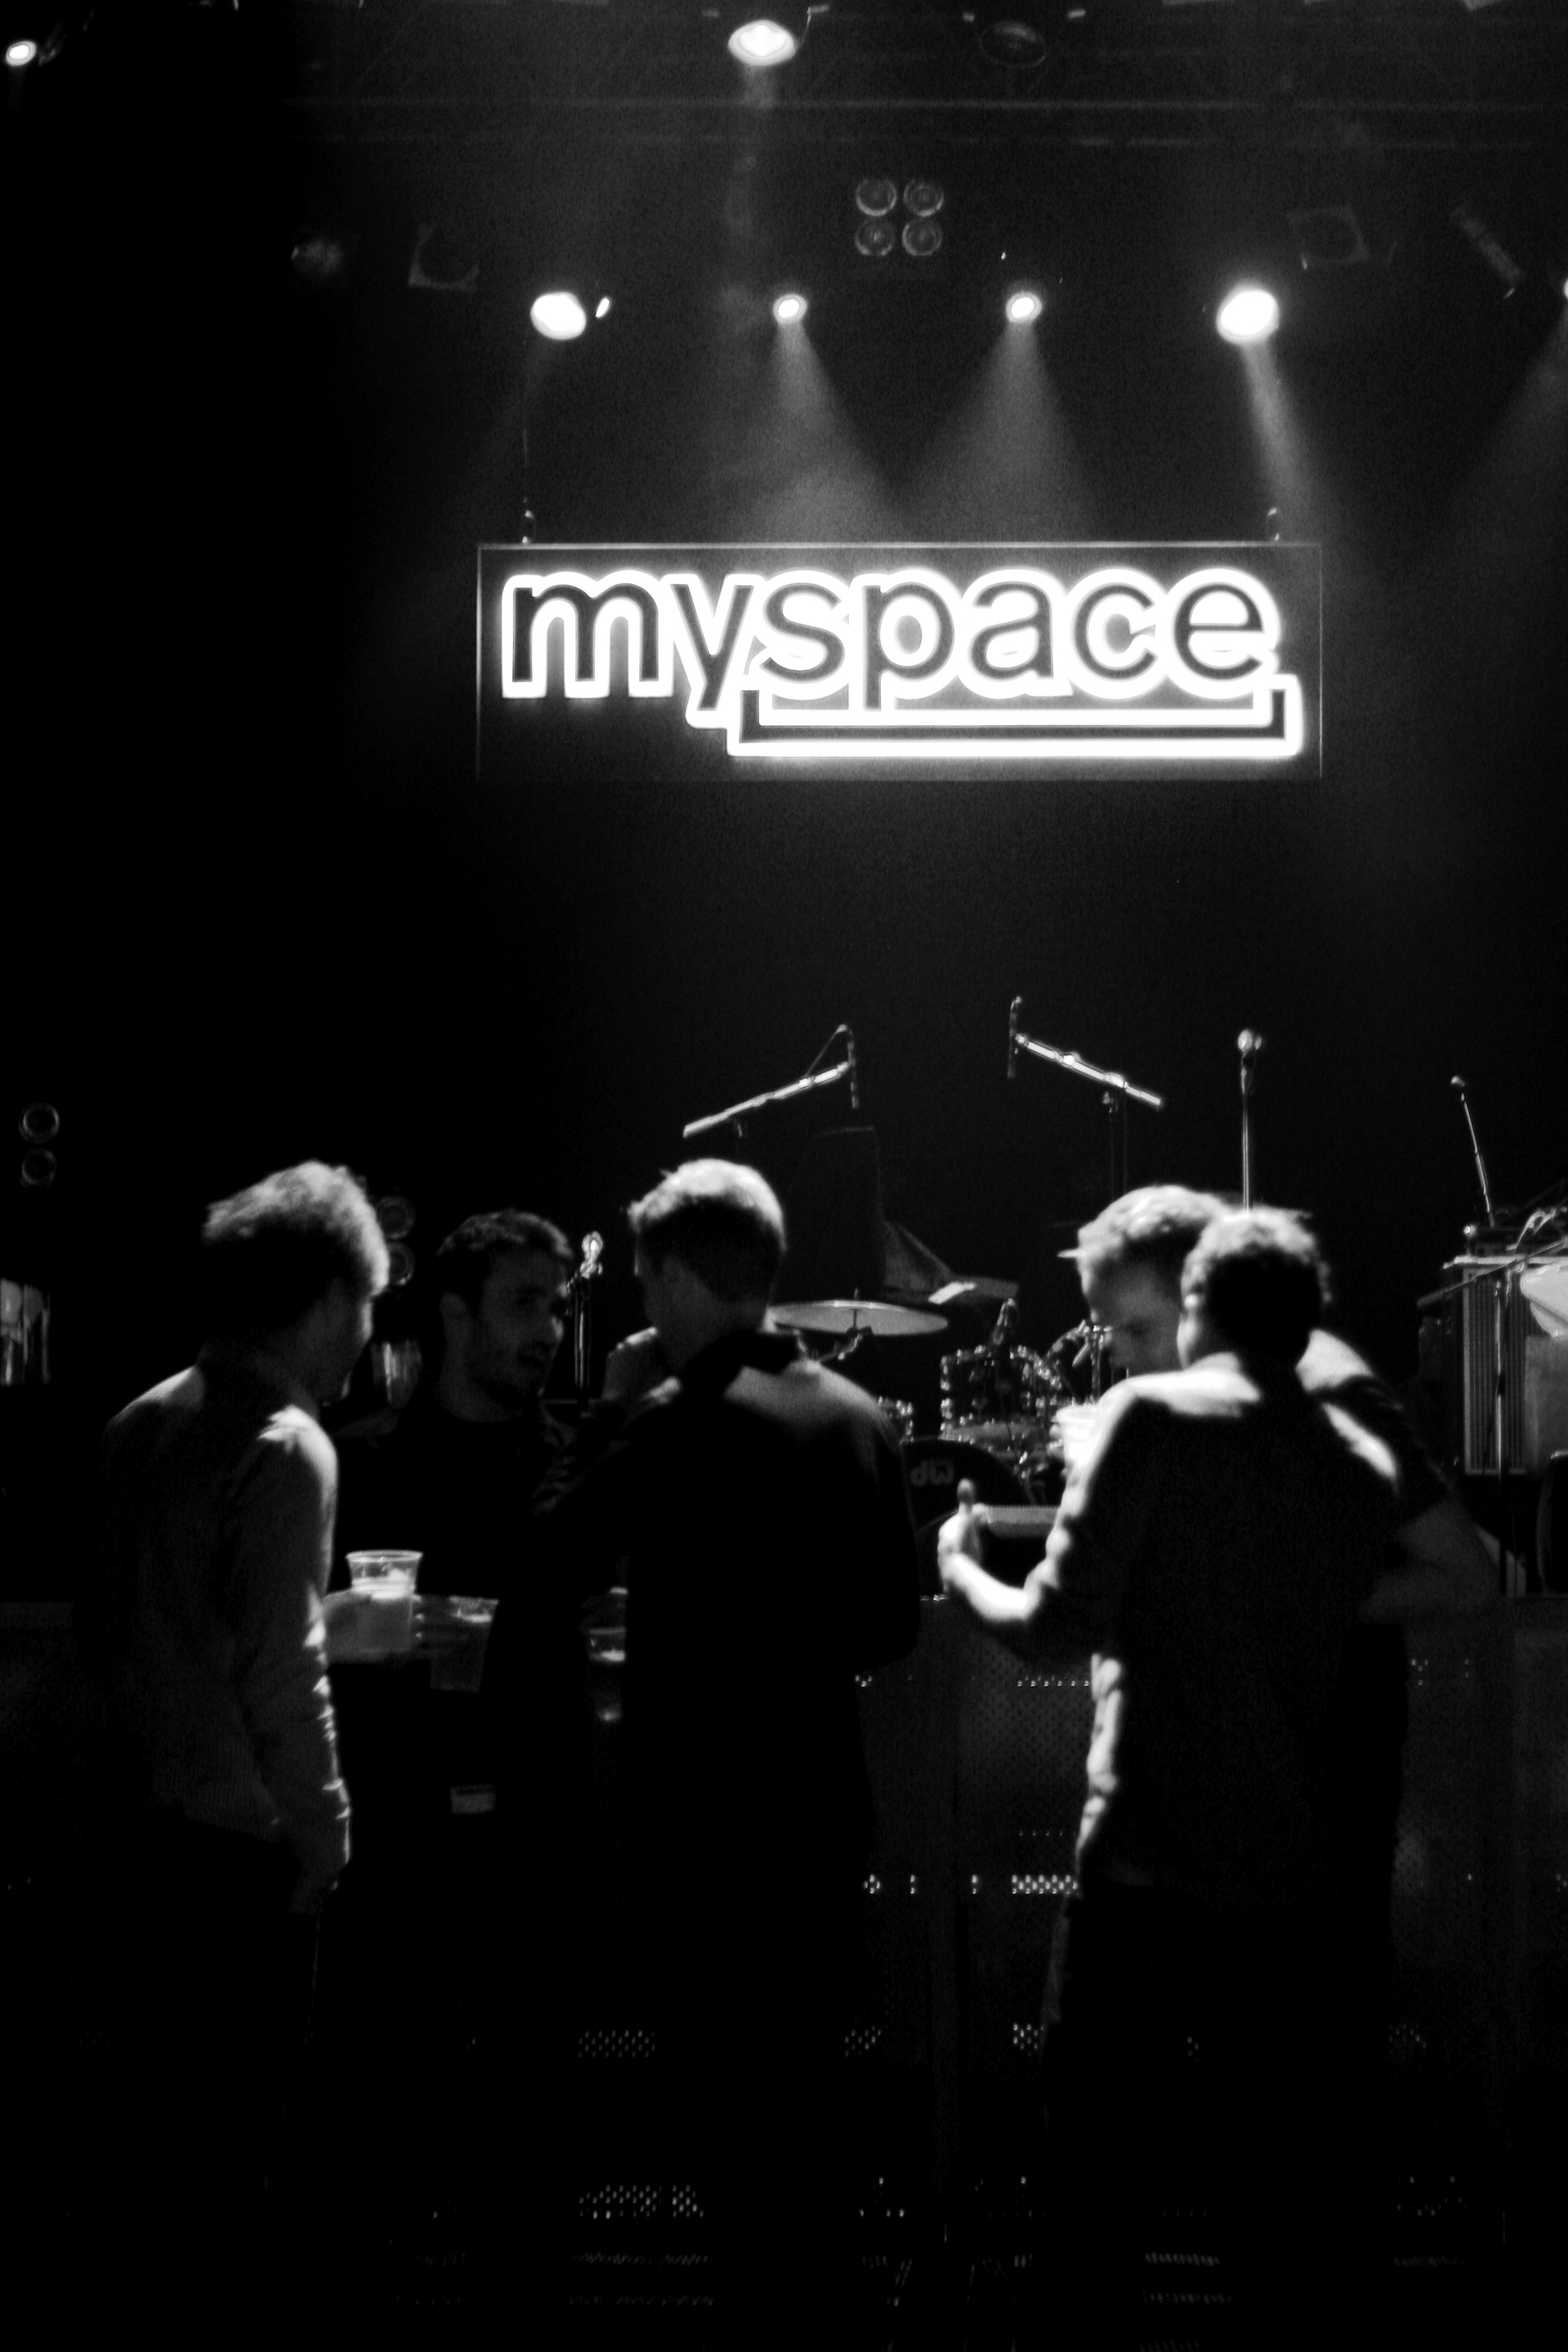 Myspace_Event_15.03.12_Layla Smethurst 84